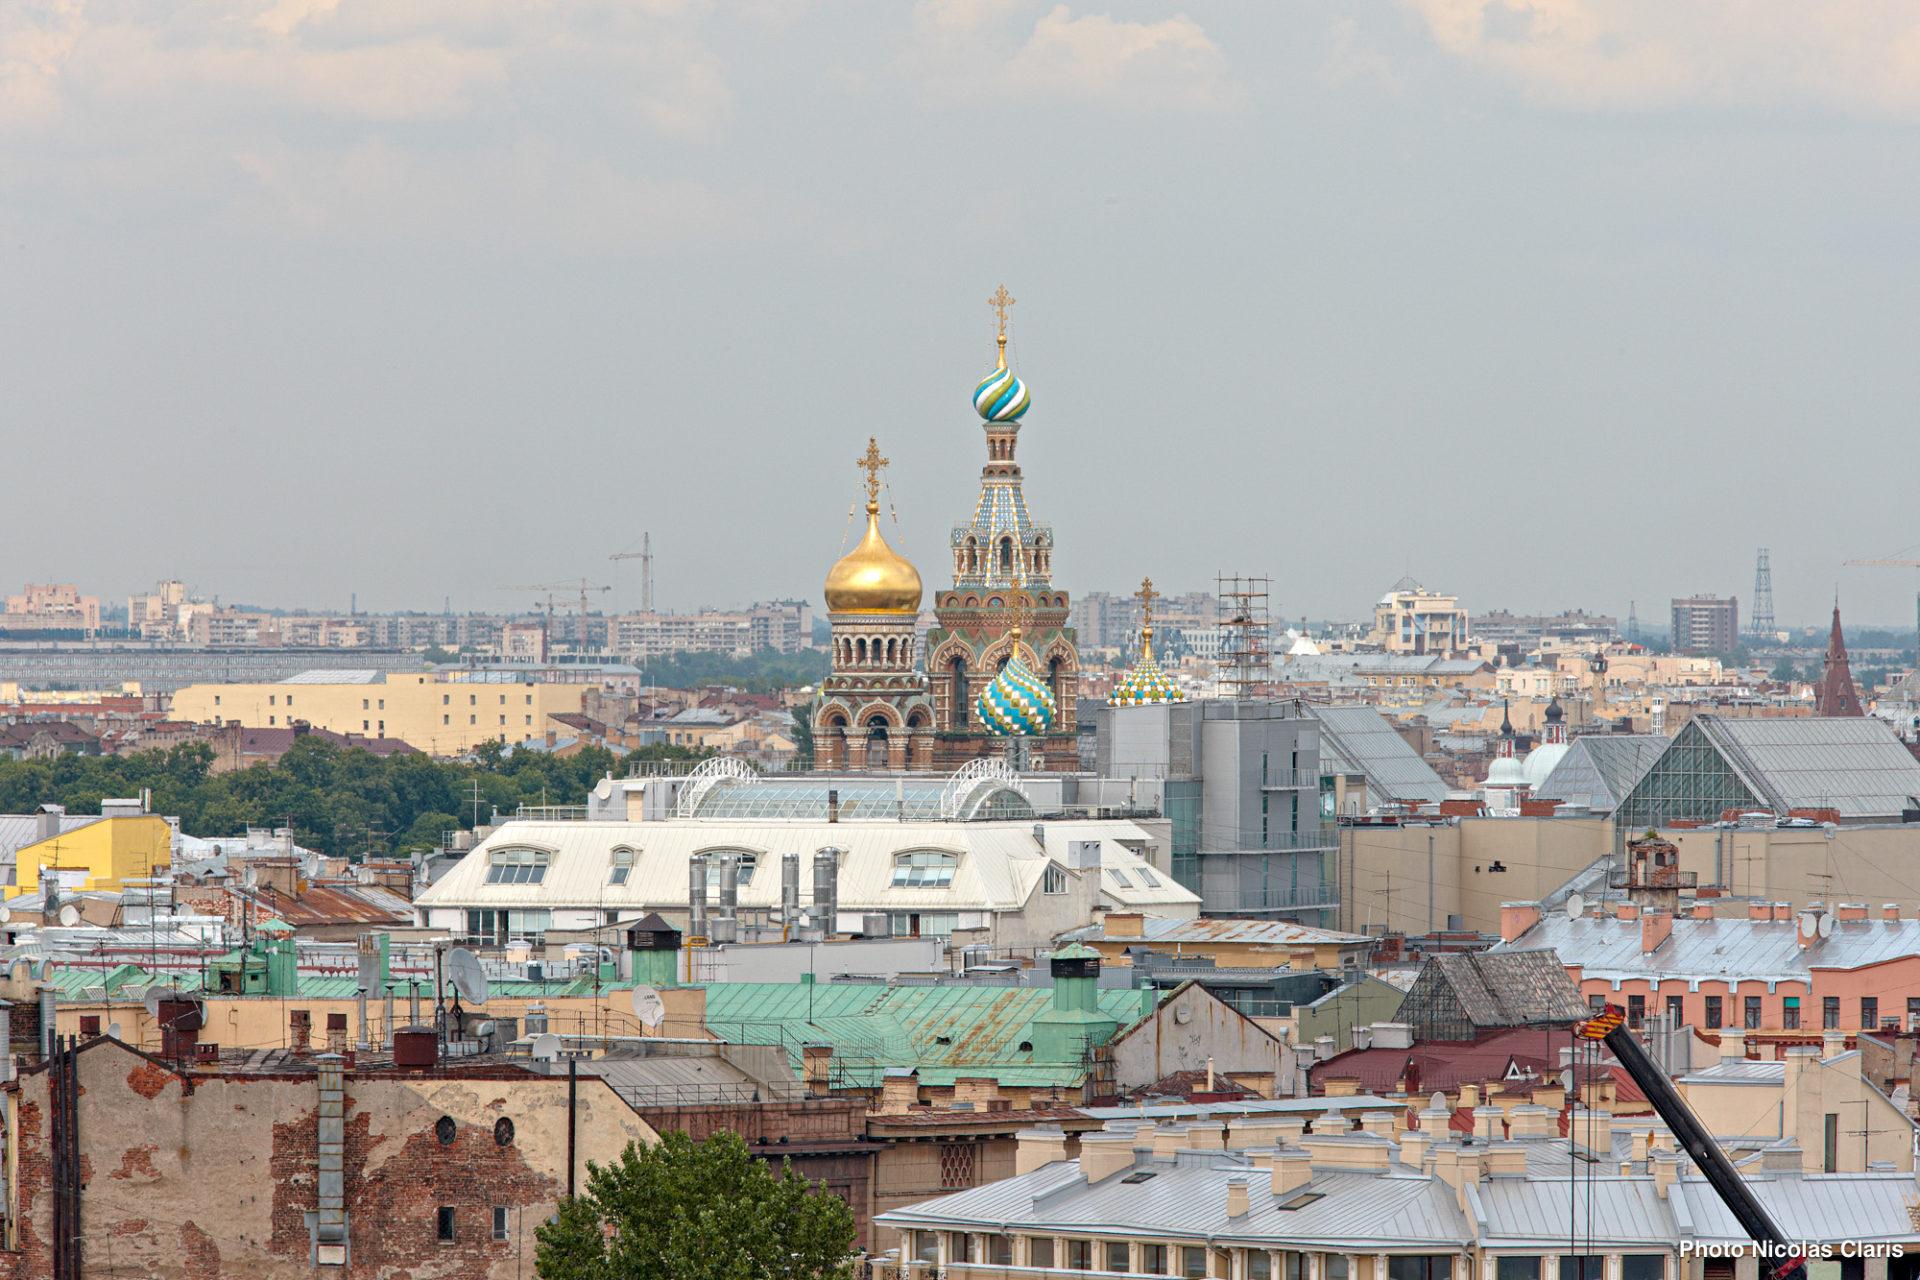 HD_Saint-Petersburg_City_45R10171